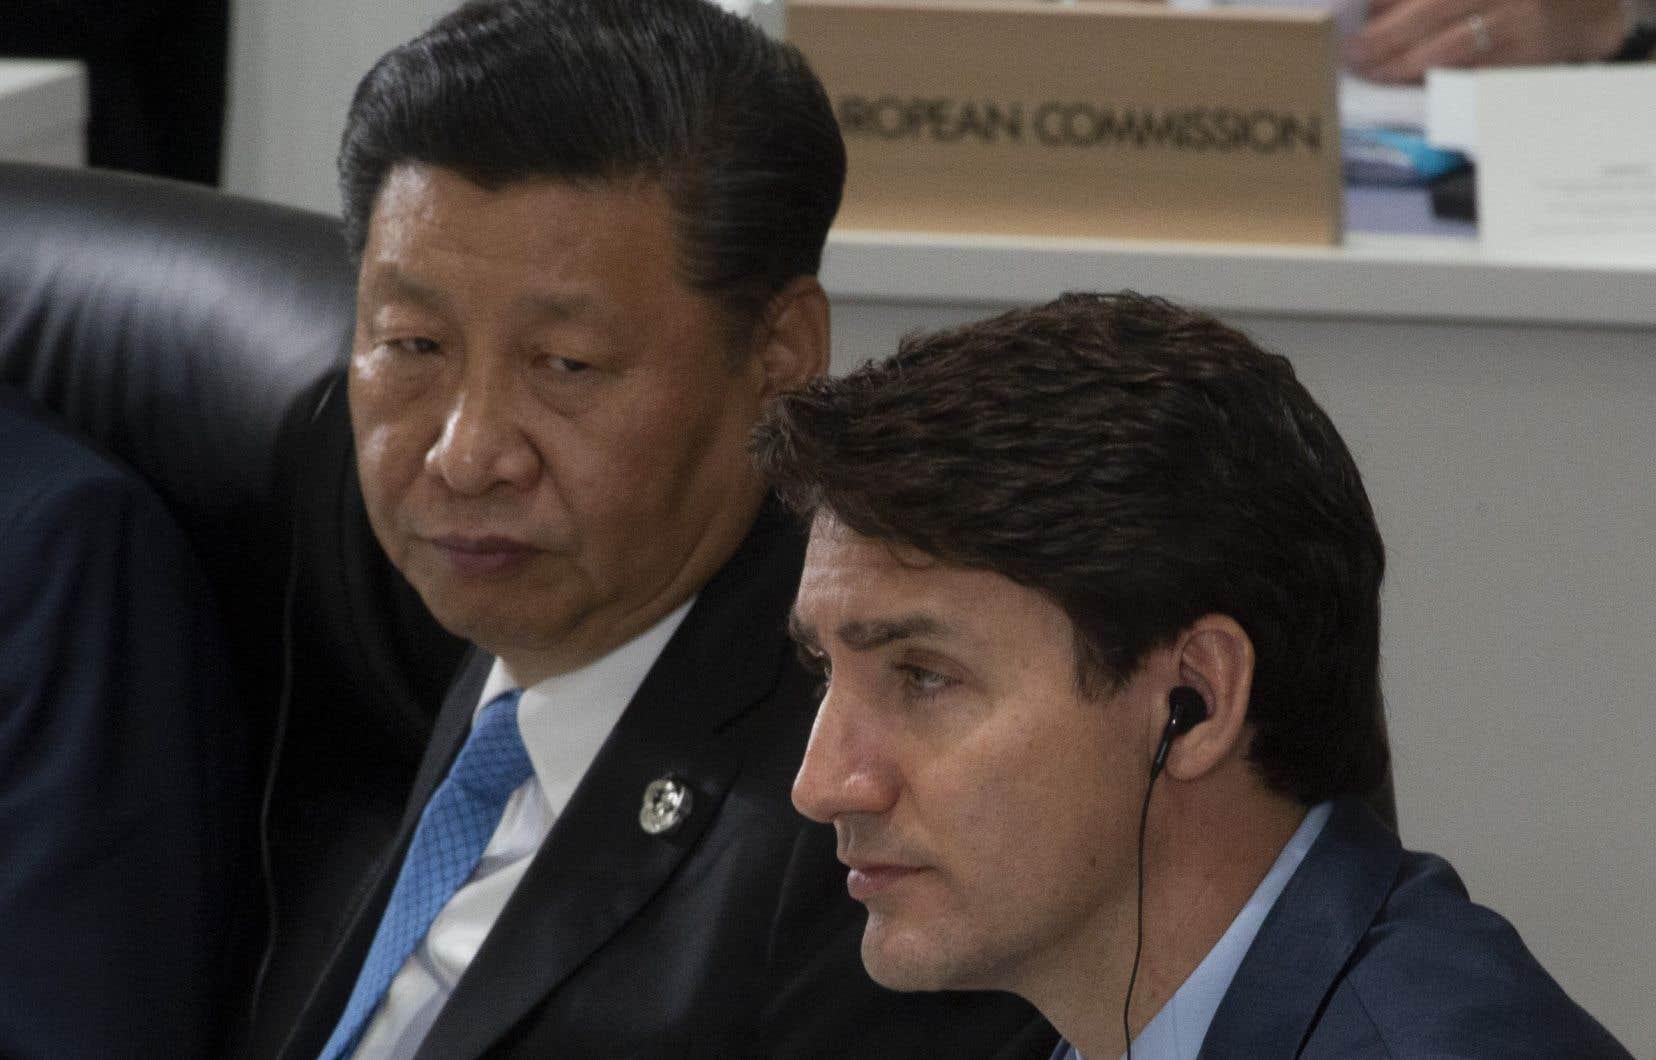 Le président chinois Xi Jinping et le premier ministre canadien Justin Trudeau, lors du sommet du G20 à Osaka